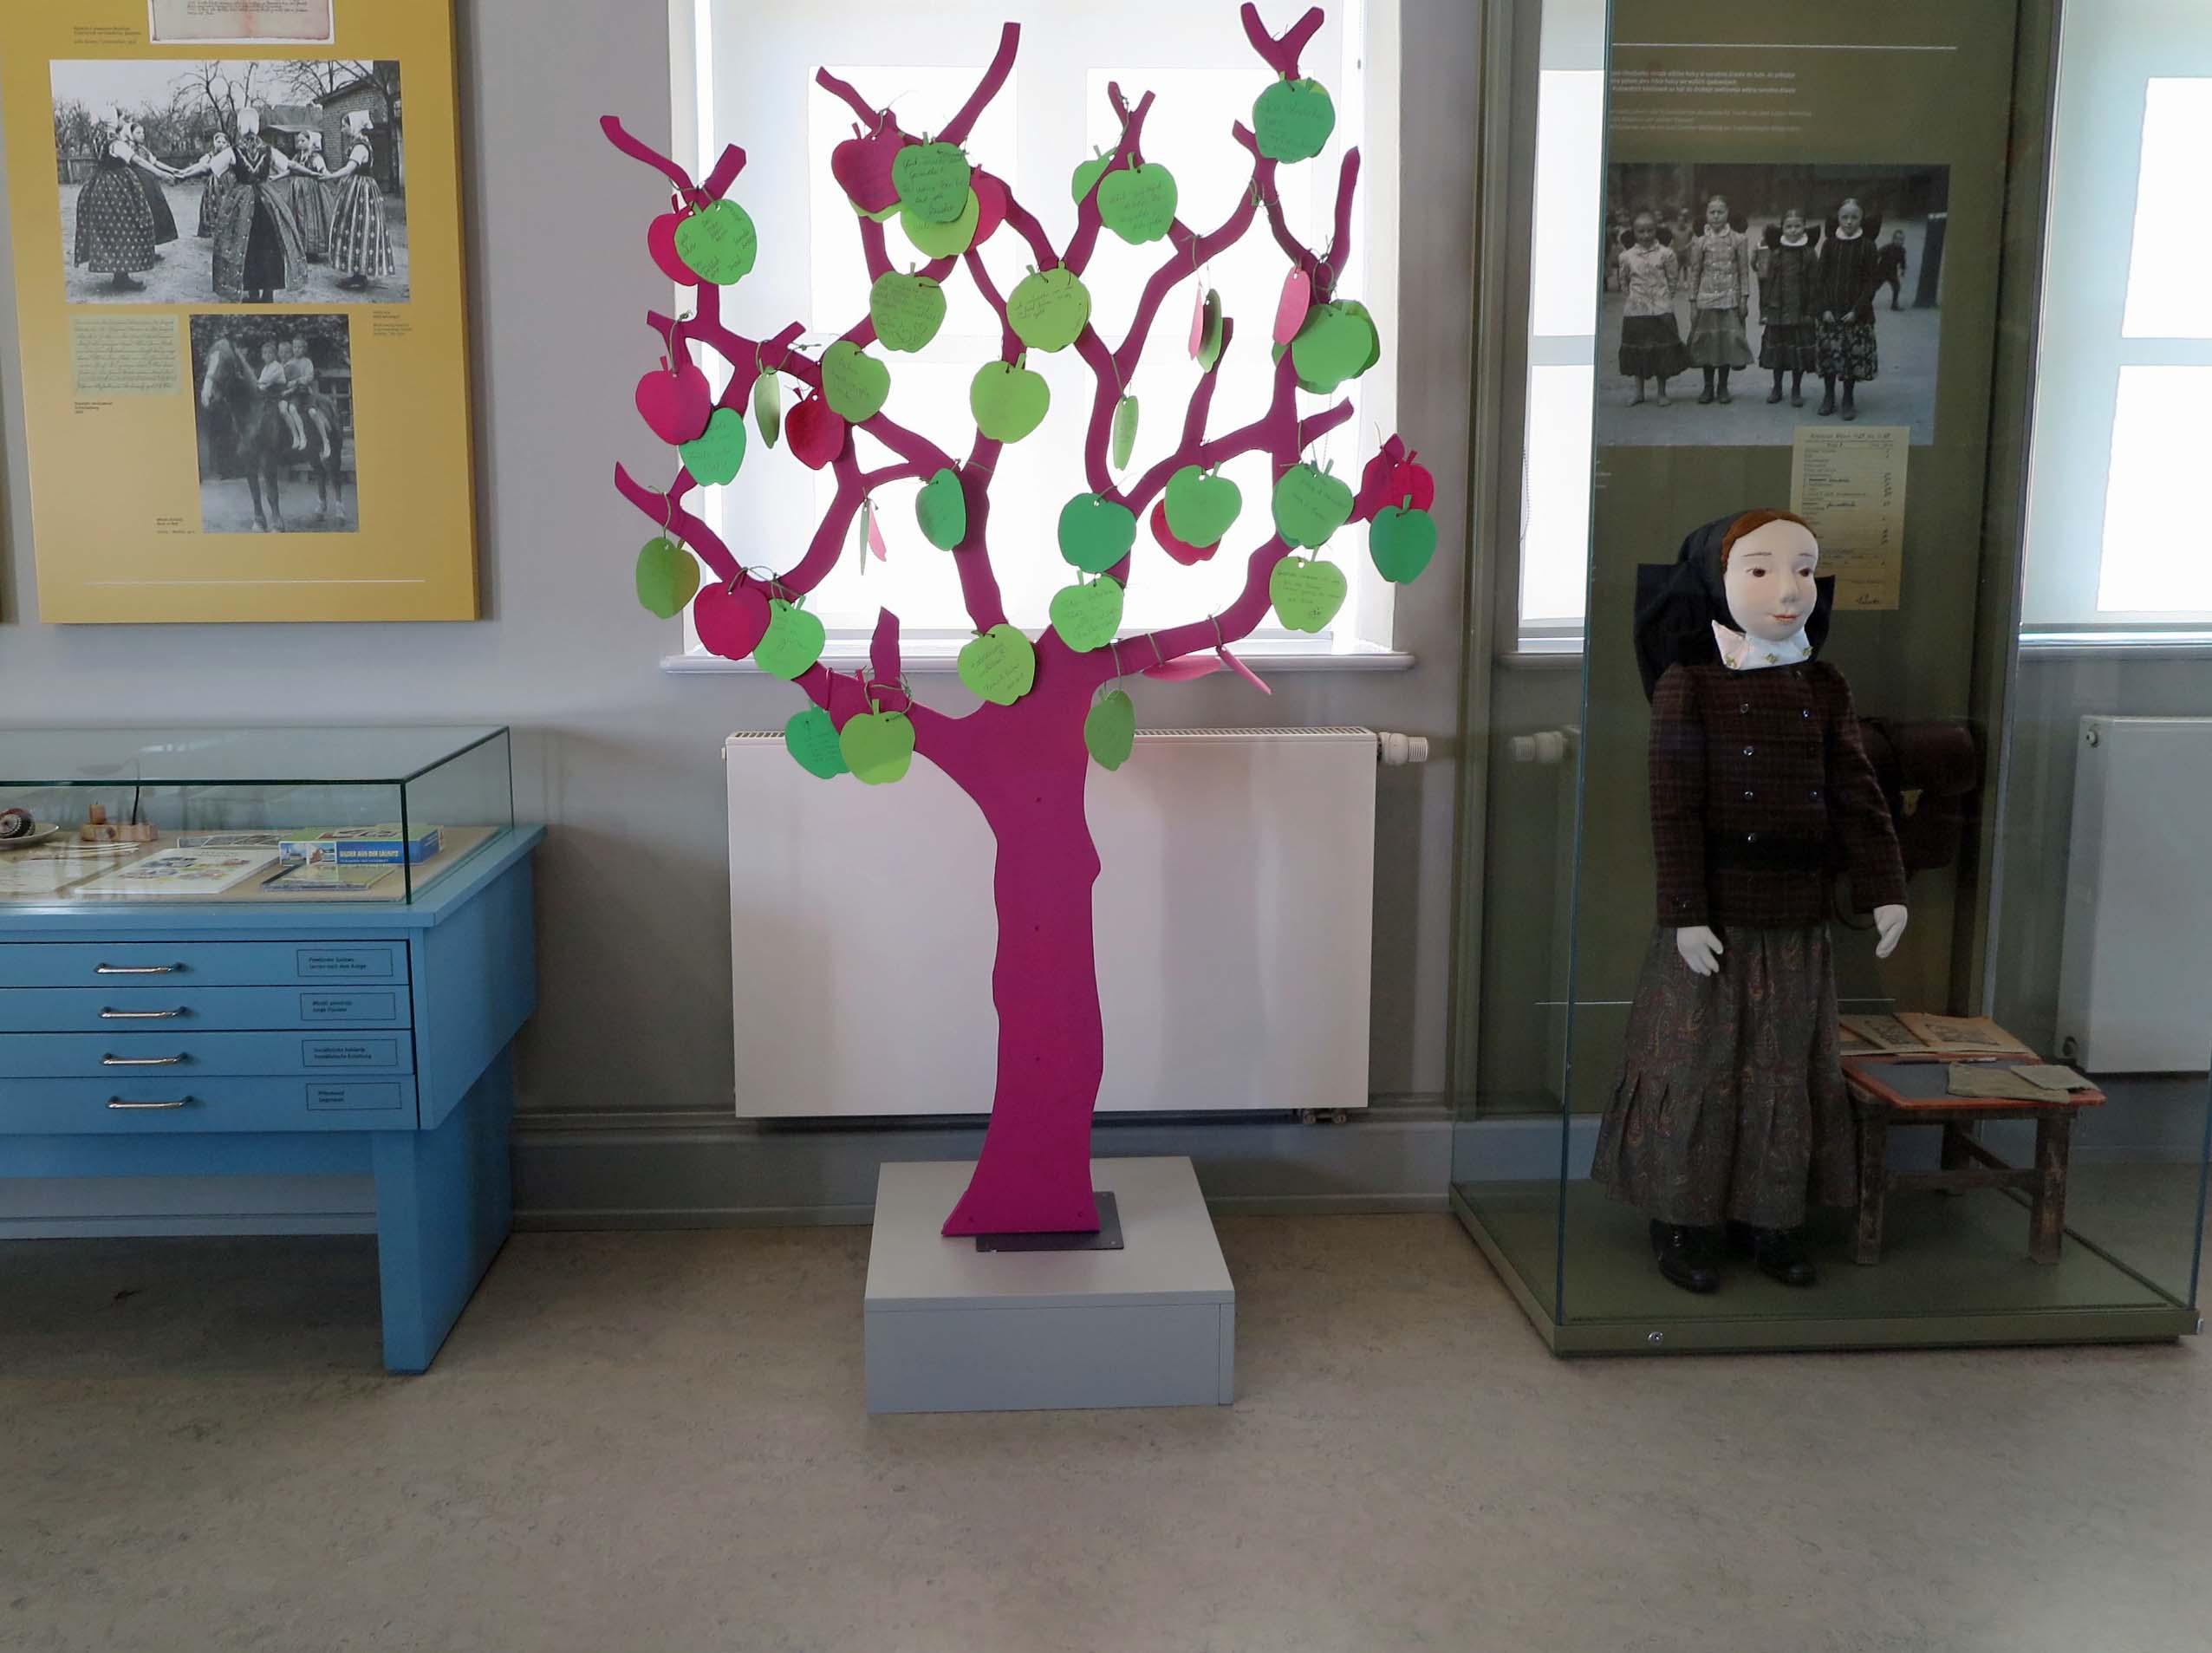 Baum der Hoffnung reich gefüllt